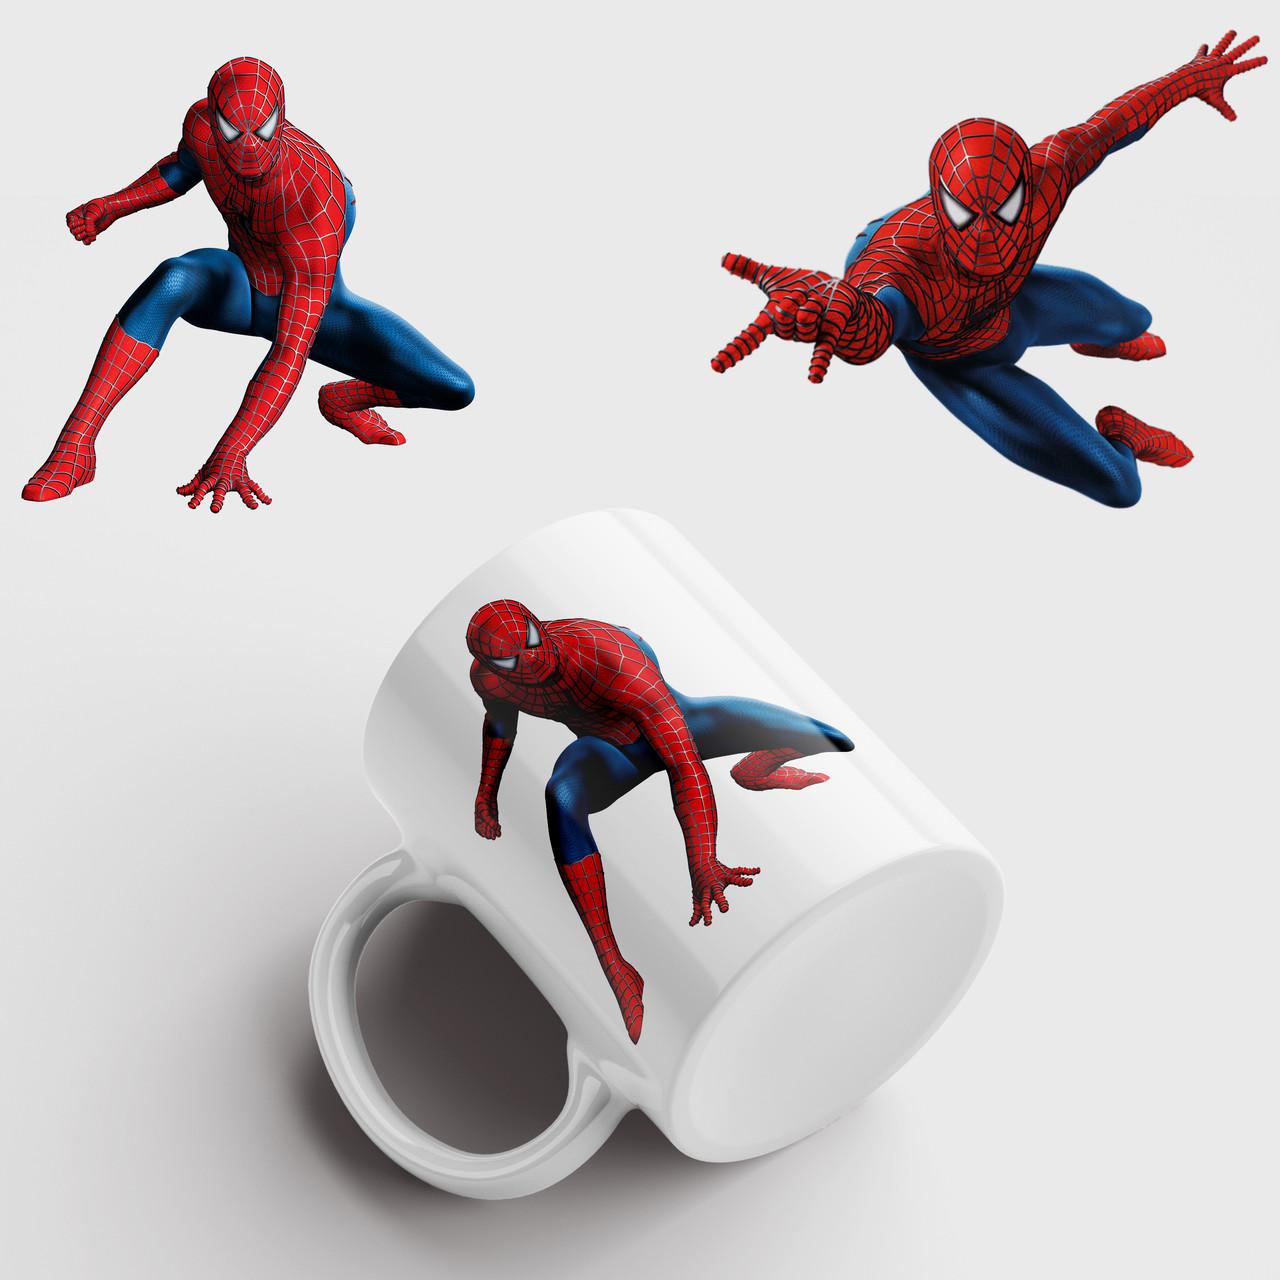 Кружка с принтом Человек паук. Чашка с принтом Spider-Man v3. Чашка с фото